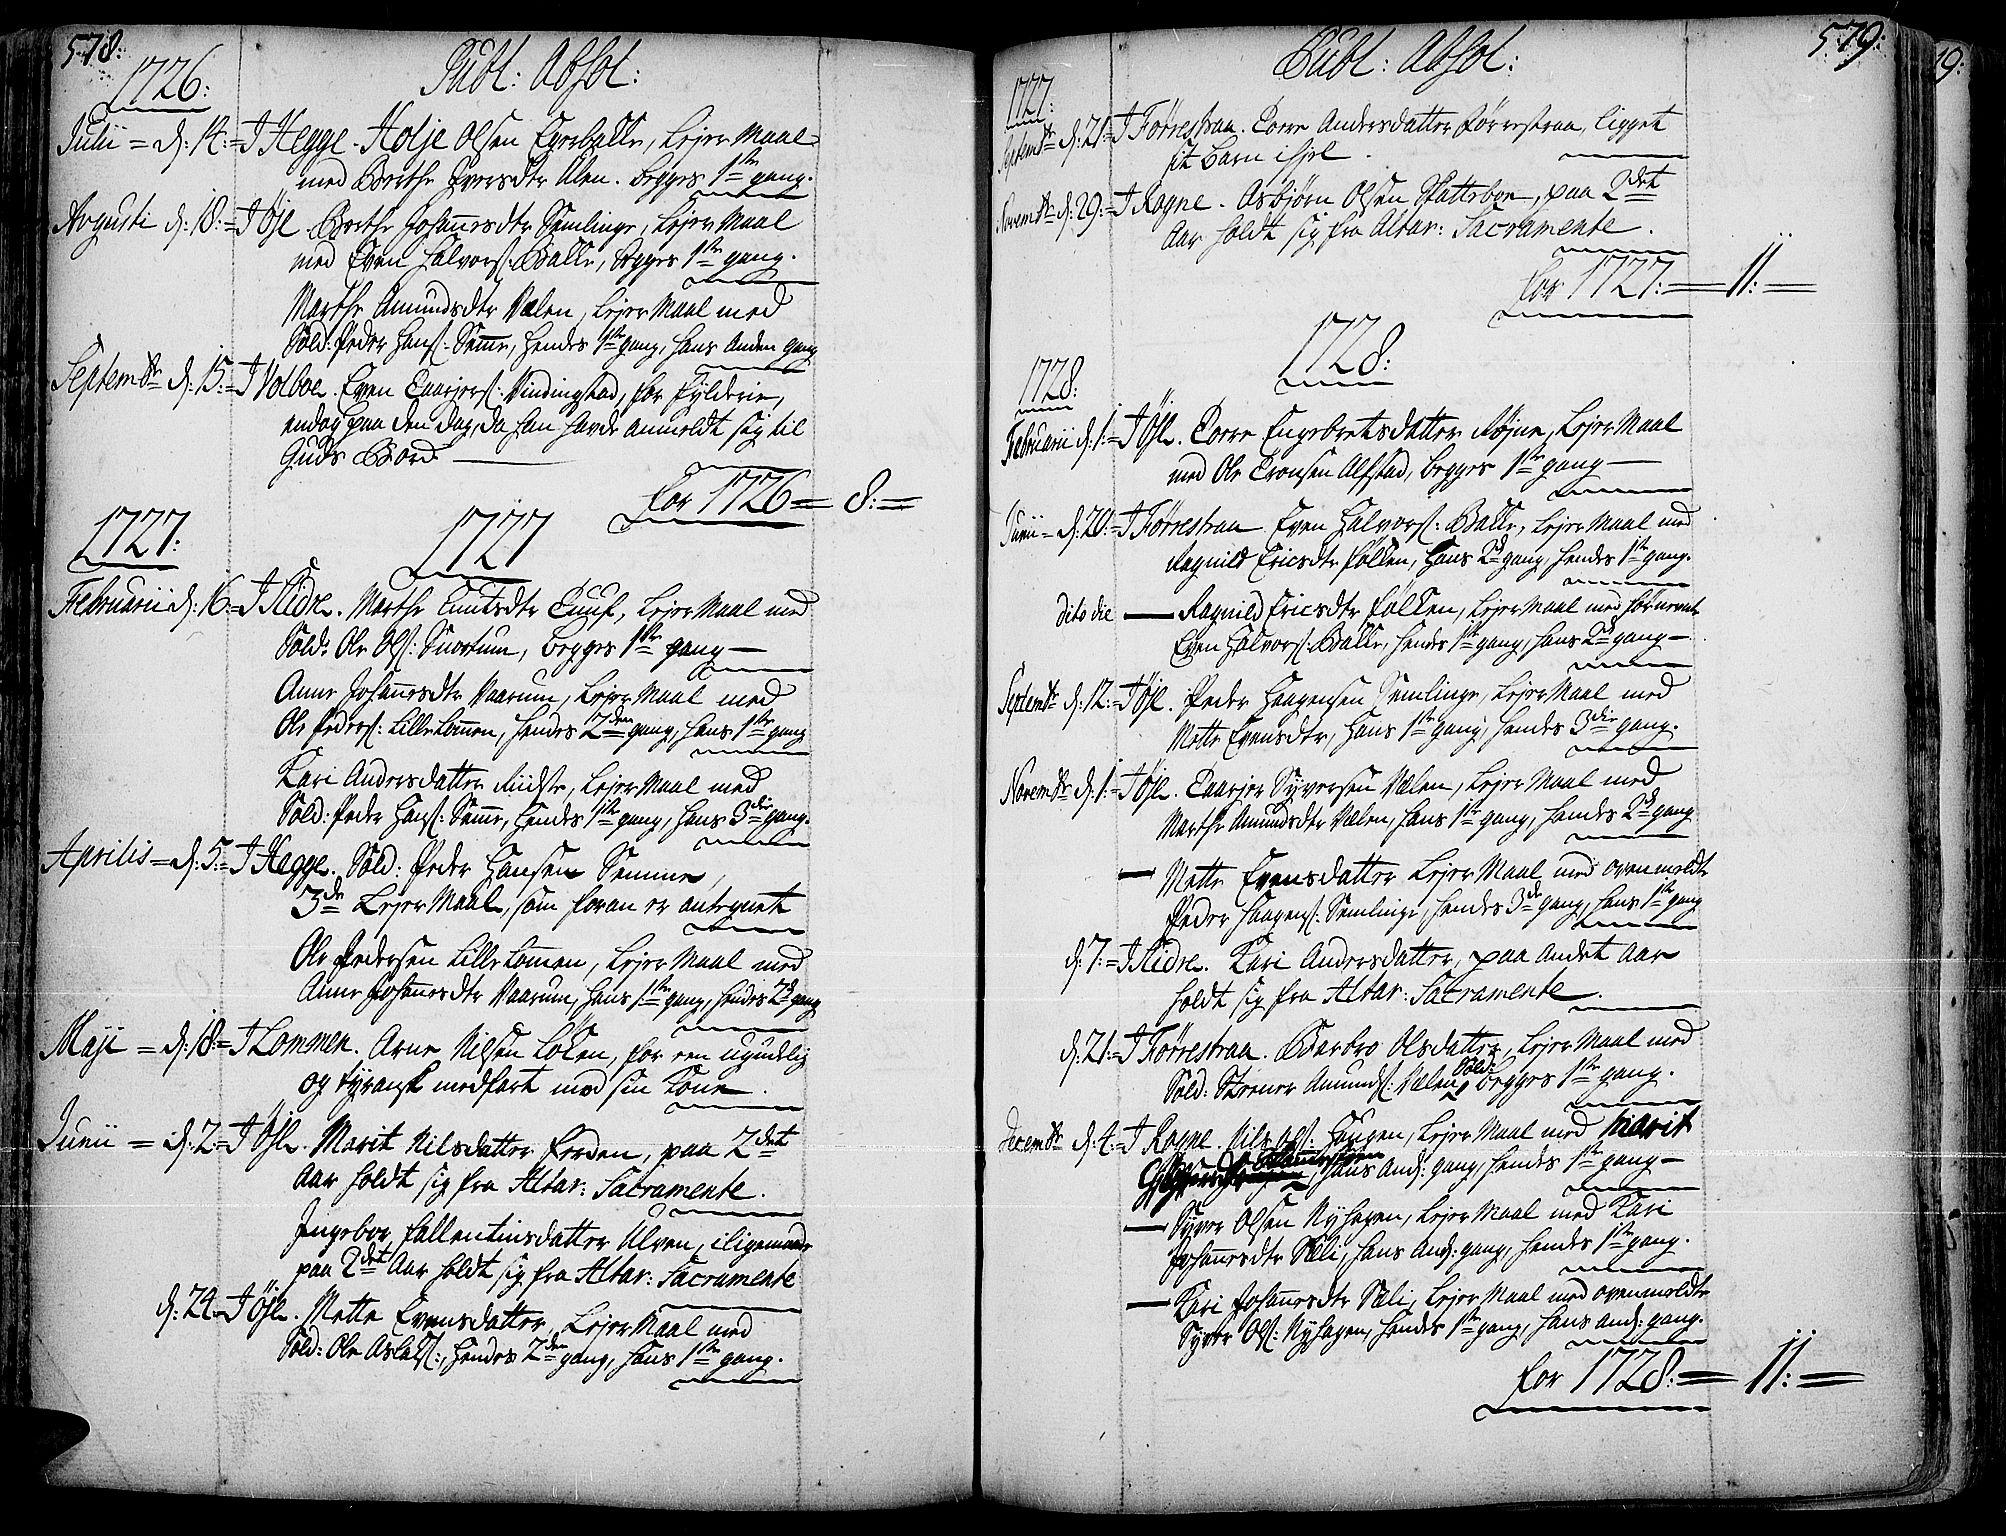 SAH, Slidre prestekontor, Ministerialbok nr. 1, 1724-1814, s. 578-579